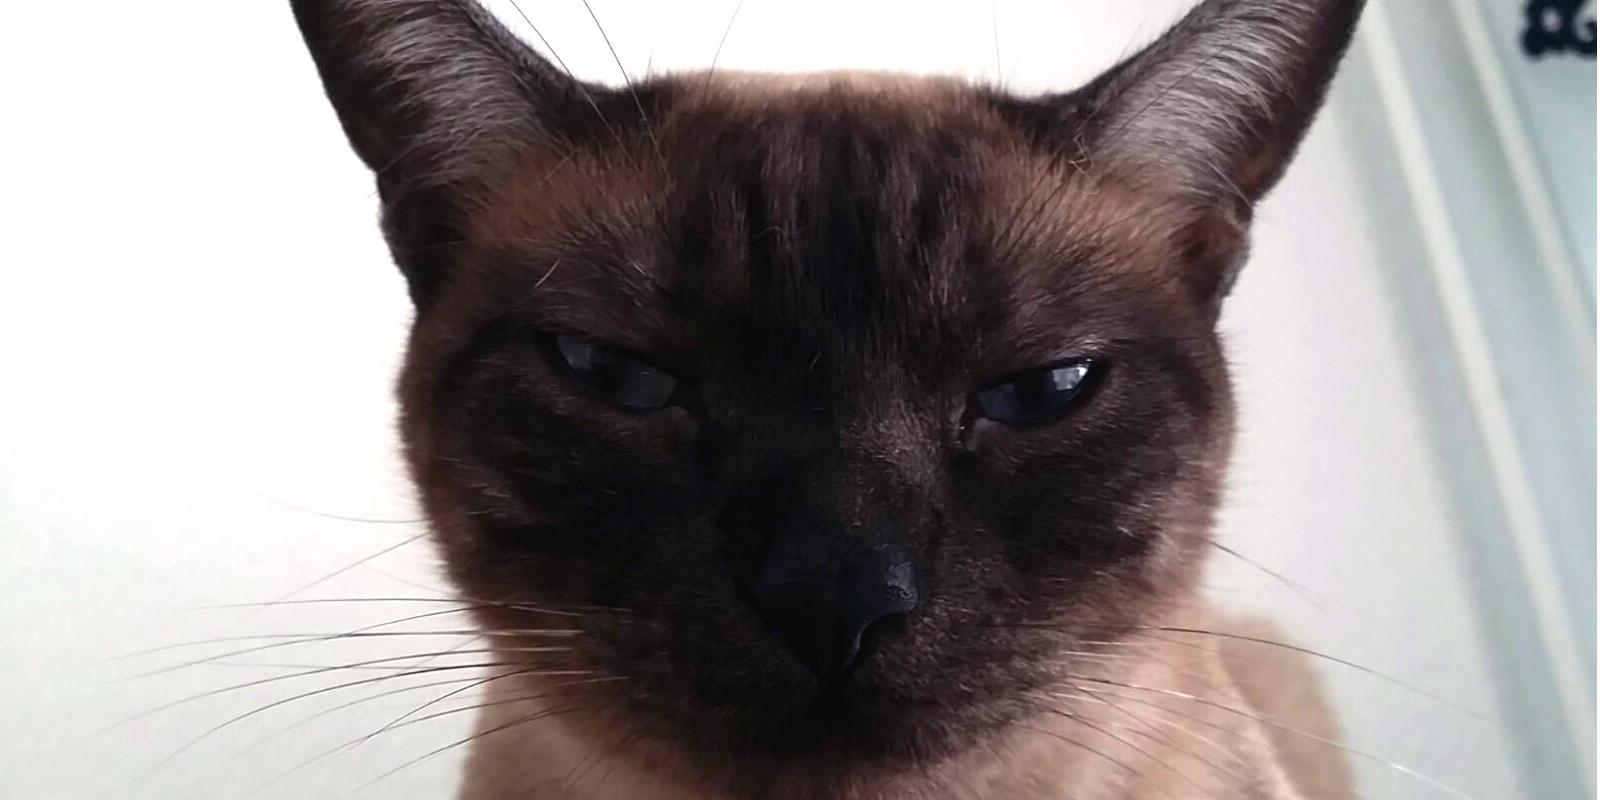 Katze hasst deinen Boden